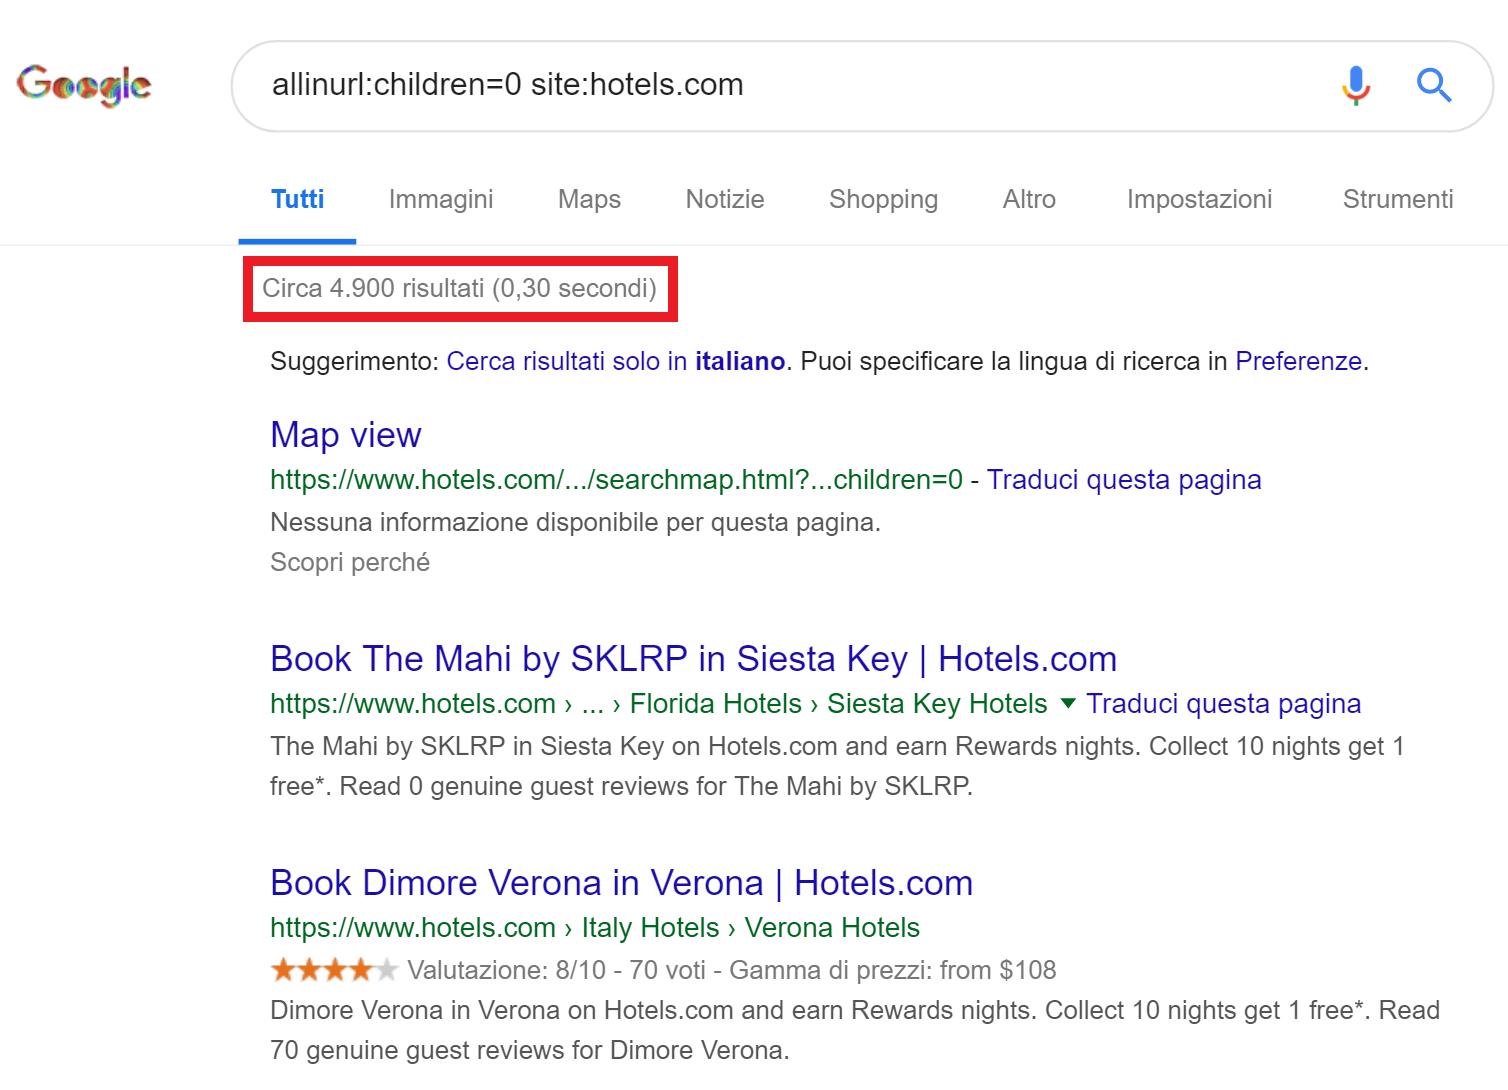 SERP hotels.com